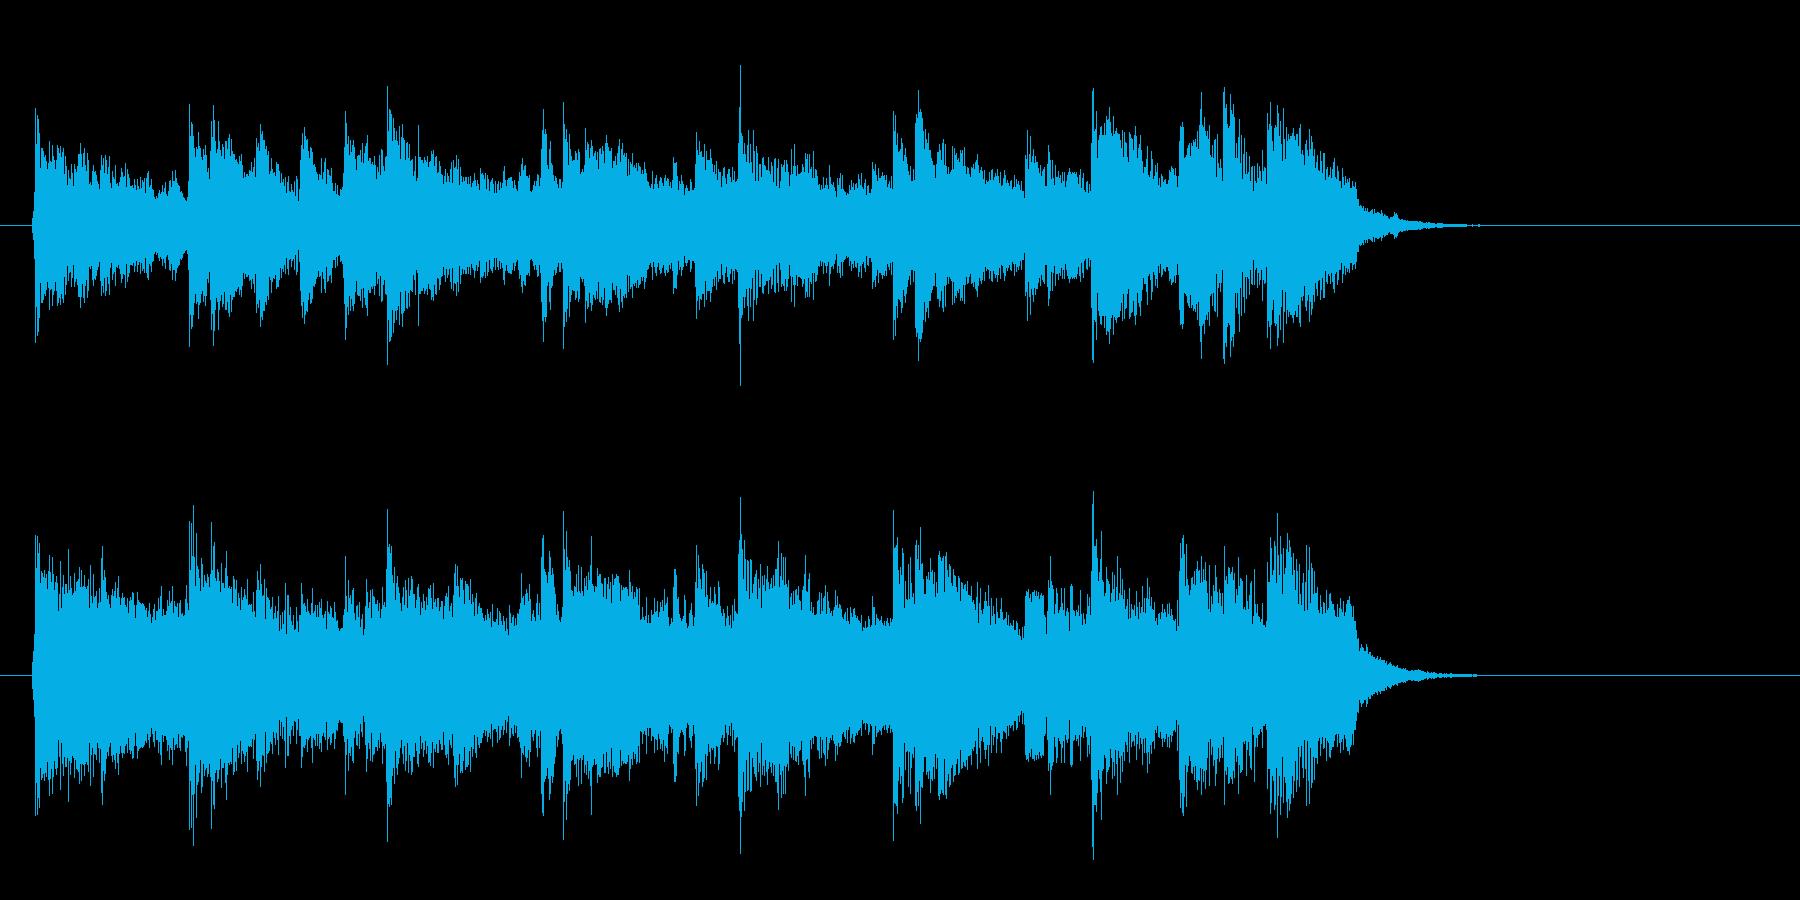 アコースティックバラード(イントロ)の再生済みの波形